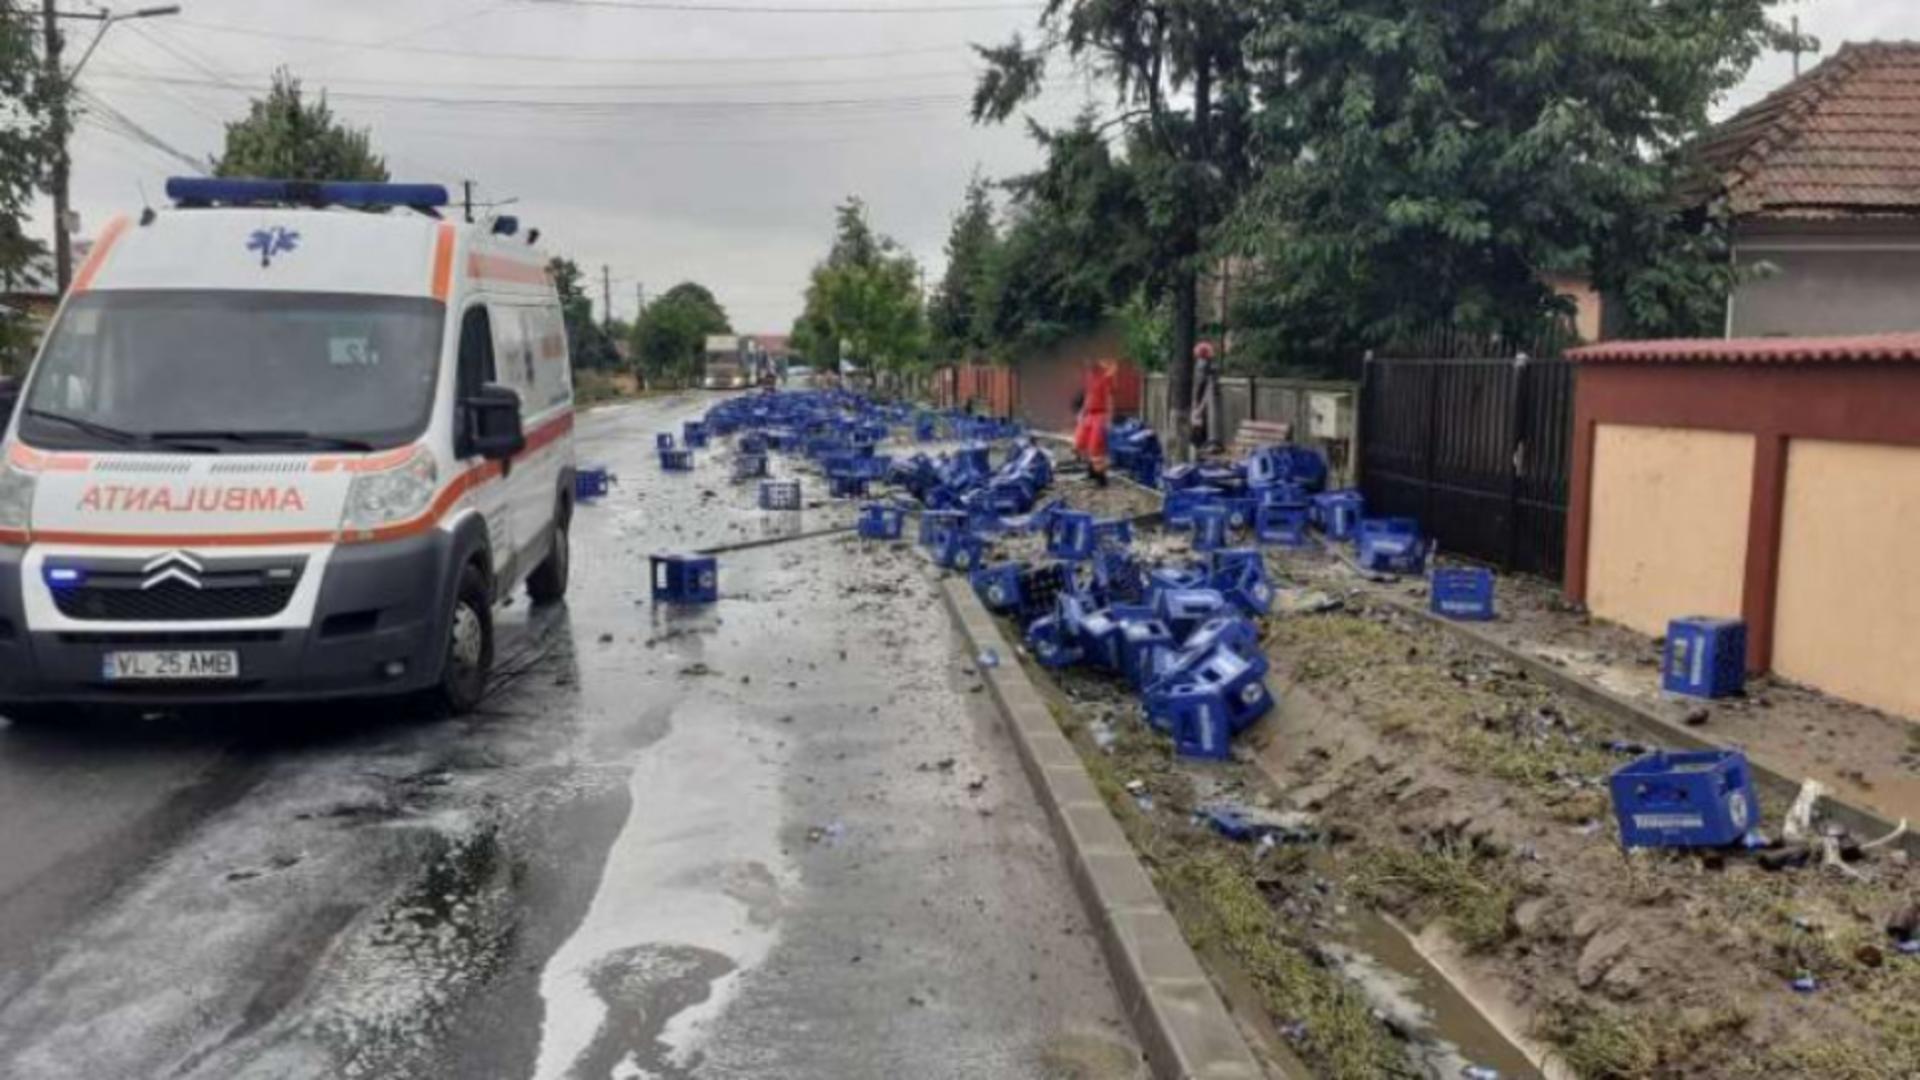 Accident neobișnuit, în Vâlcea. Sursa foto: ISU Vâlcea